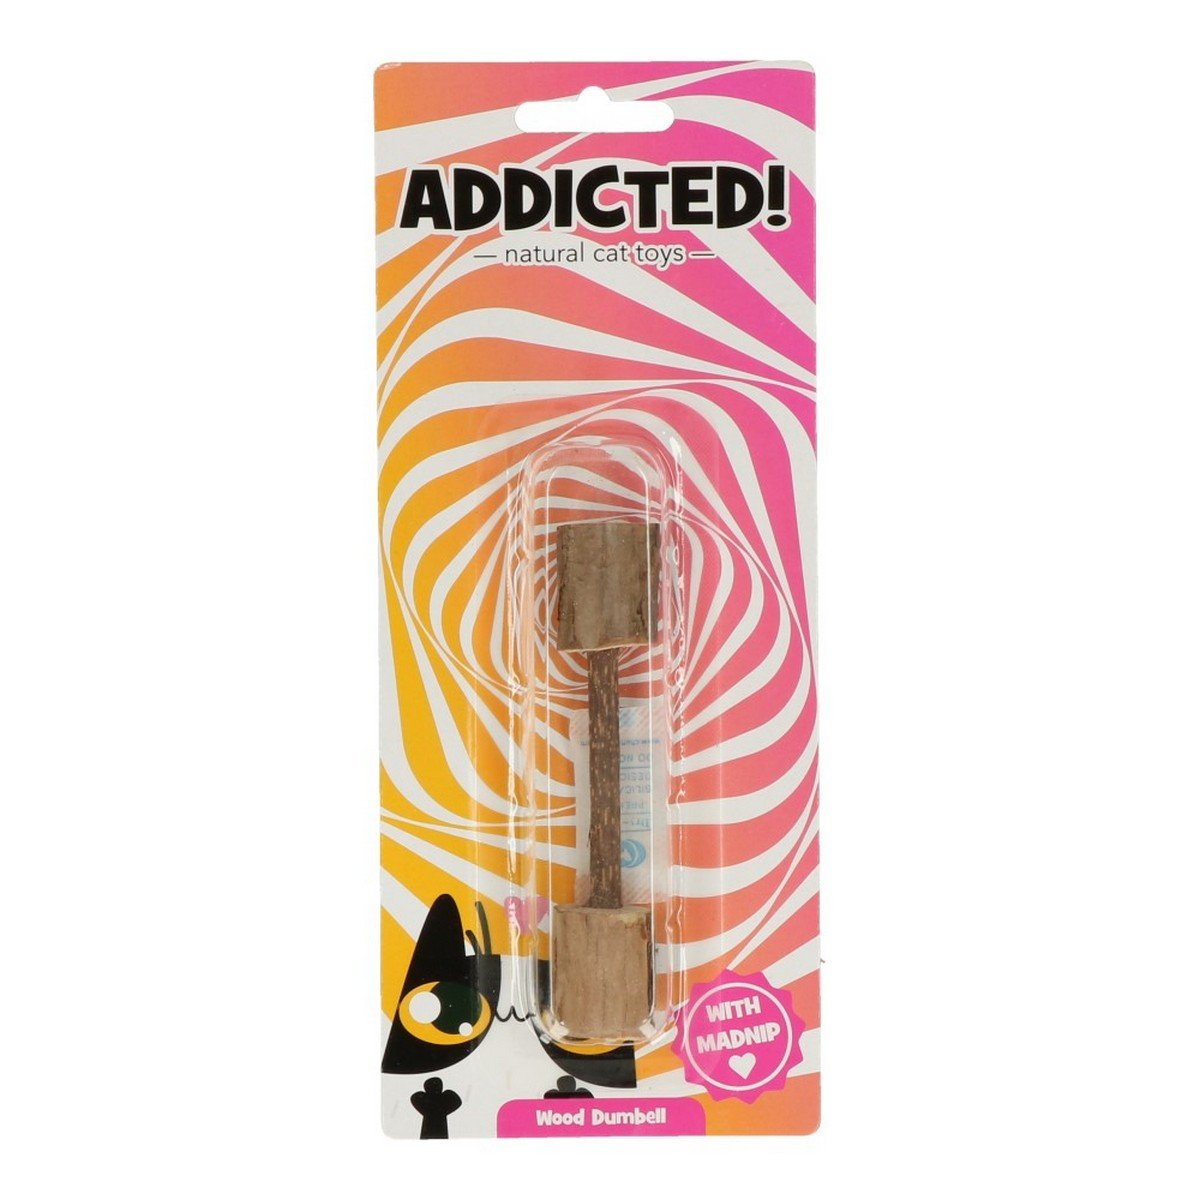 Afbeelding van Agradi Addicted Wood Dumbell 1 st